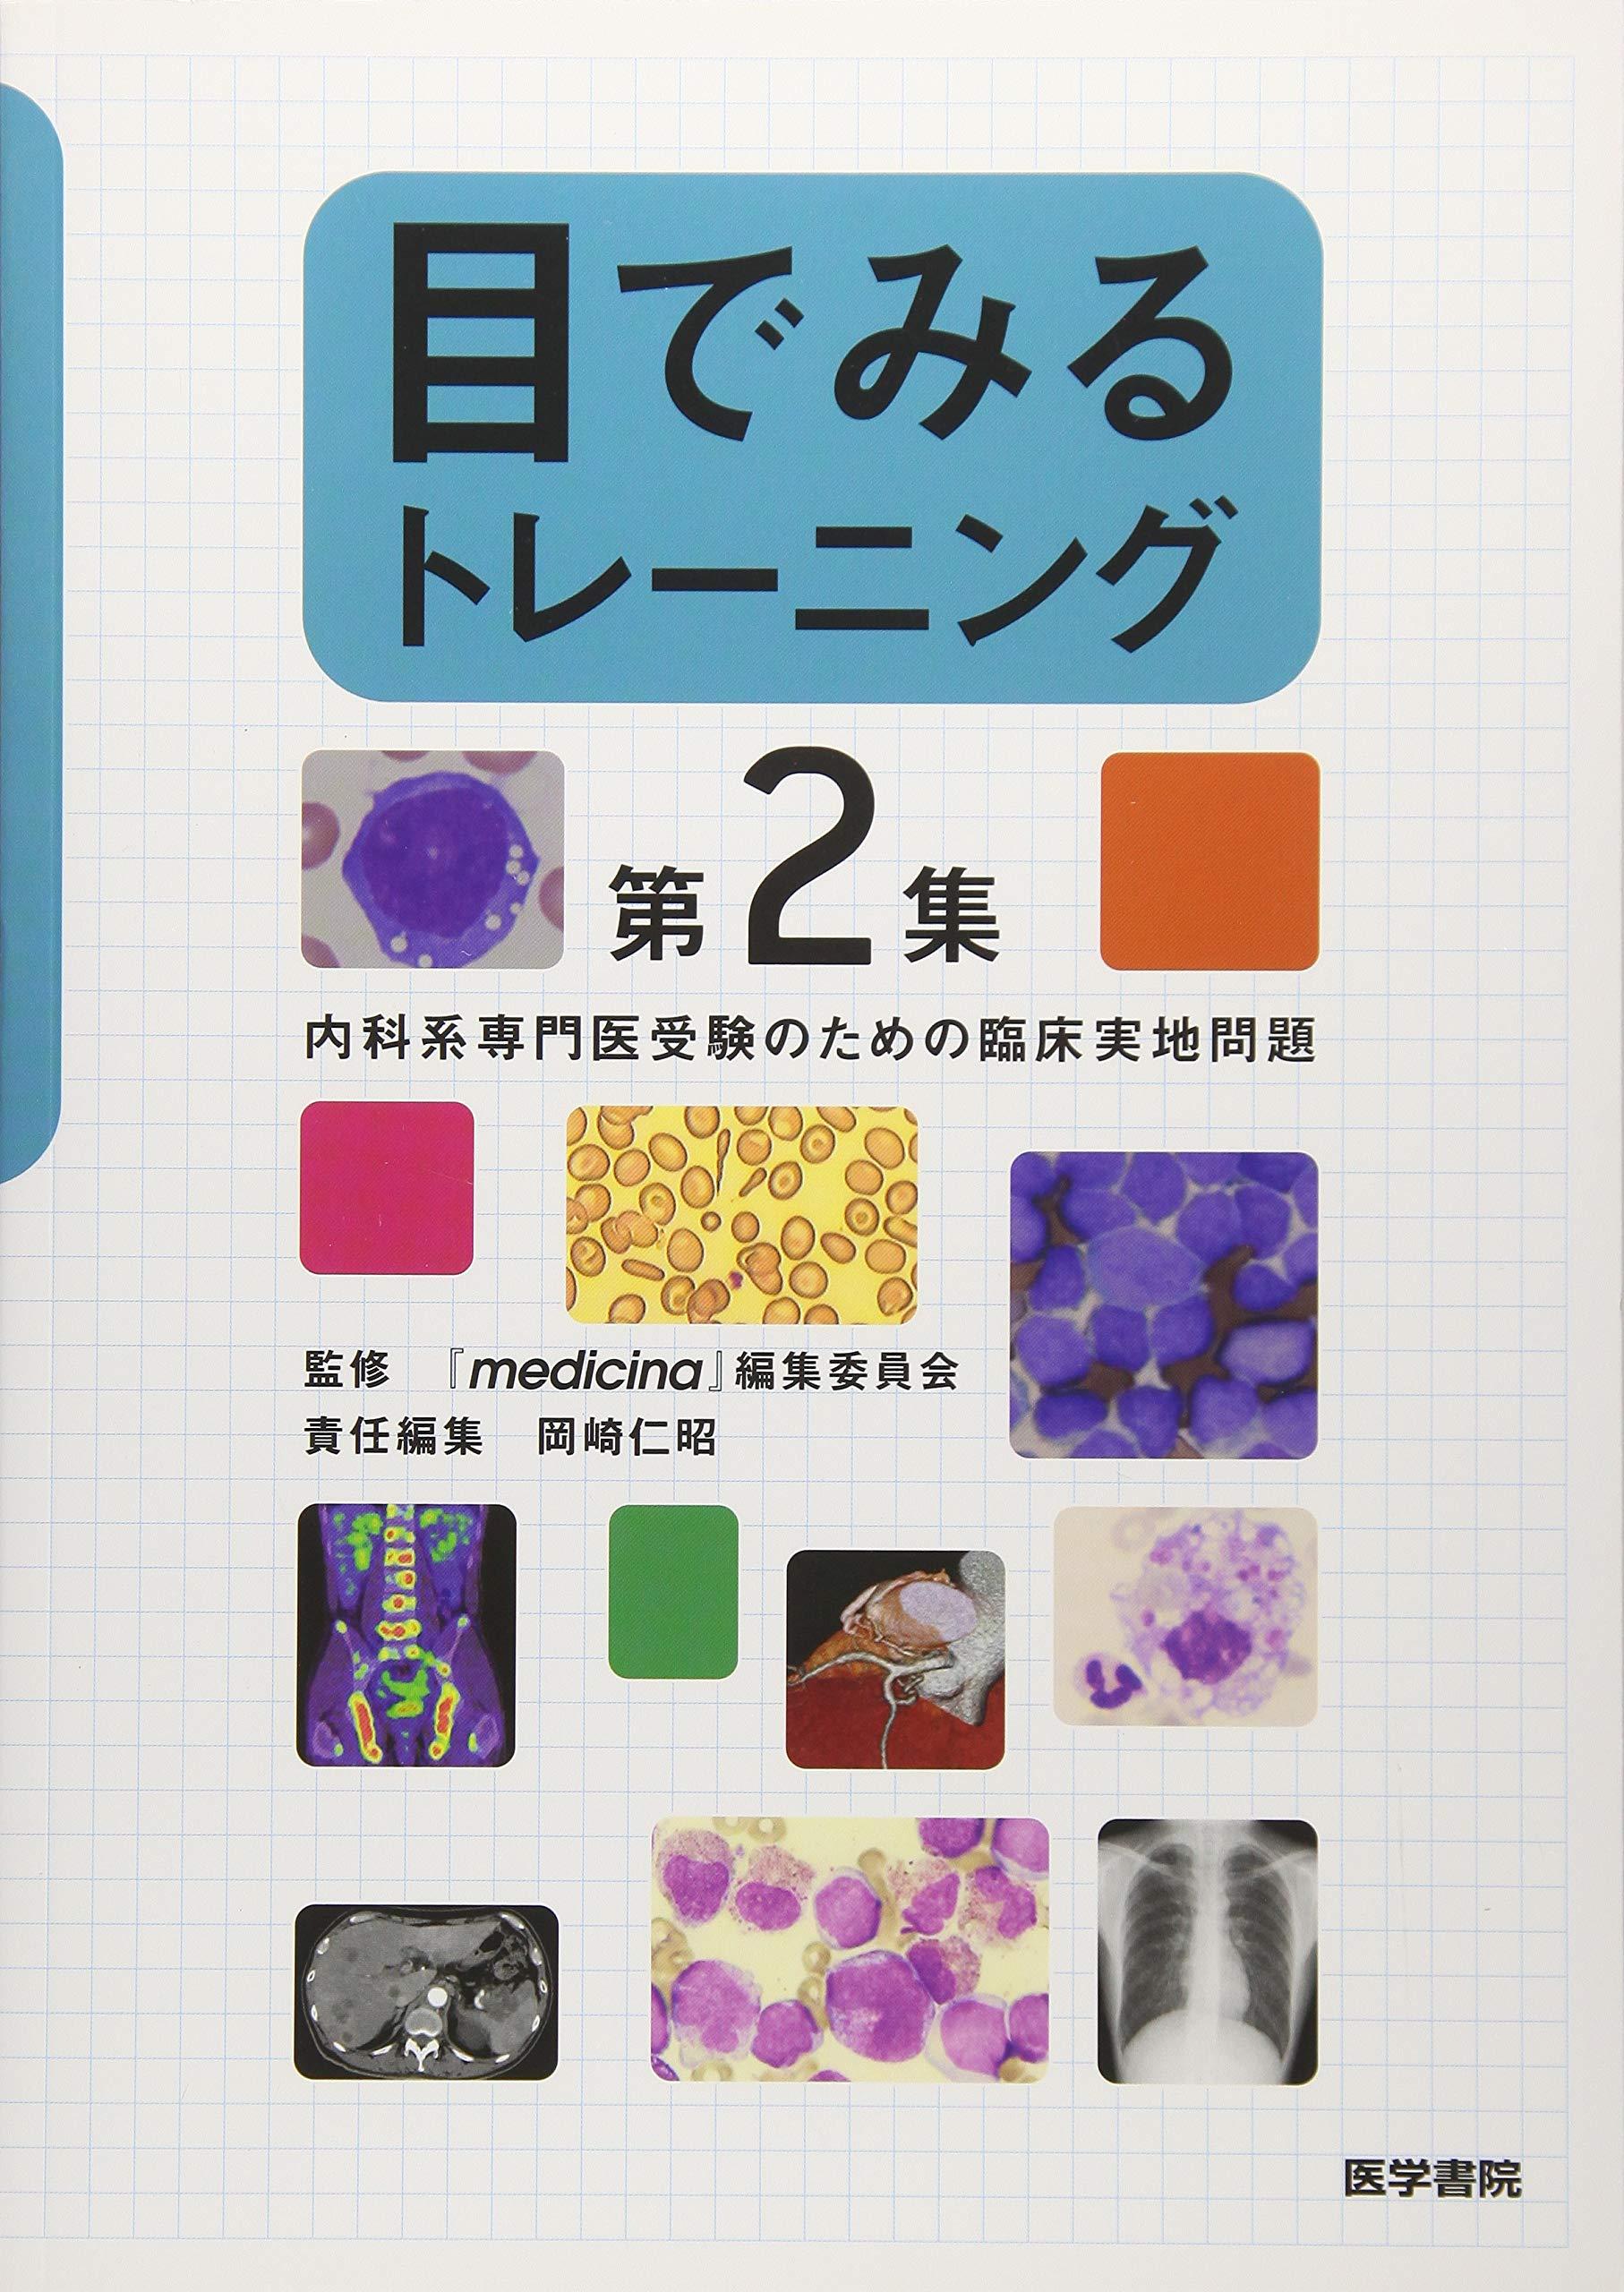 Download Me de miru torēningu. Dai 2-shū, Naikakei senmon'i juken no tame no rinshō jitchi mondai PDF